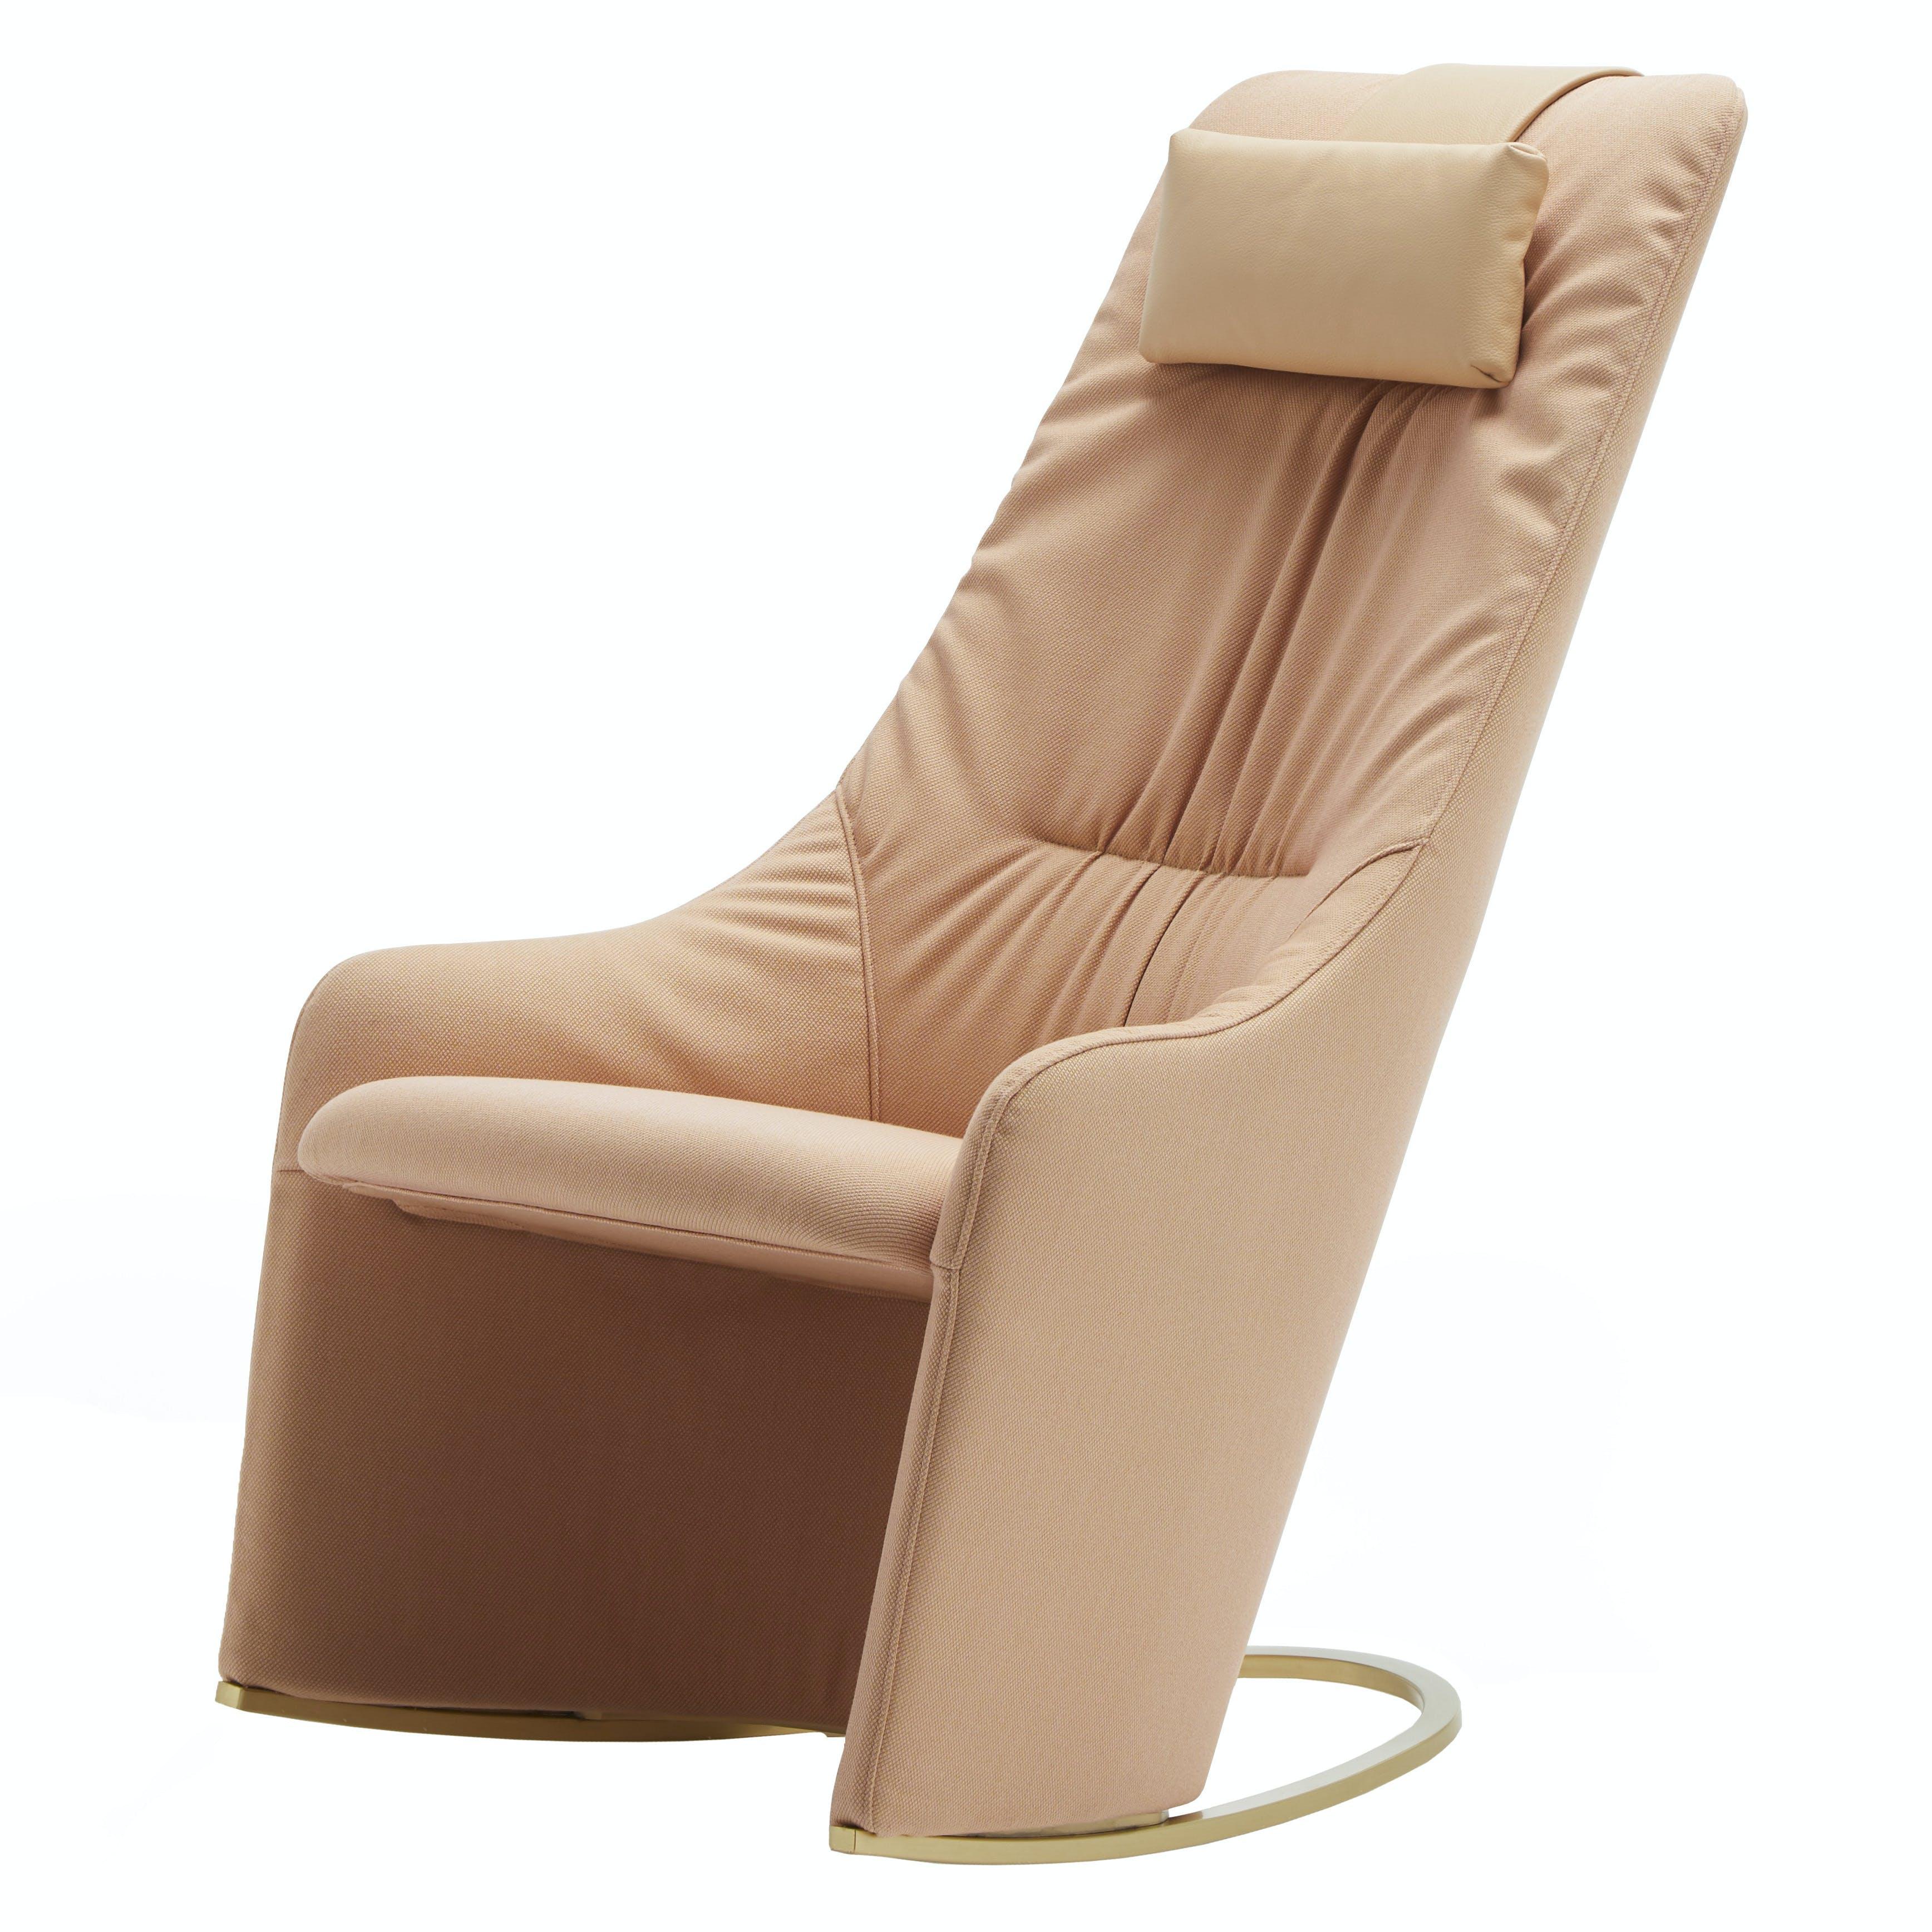 Viccarbe-tan-front-nagi-armchair-thumbnail-haute-living